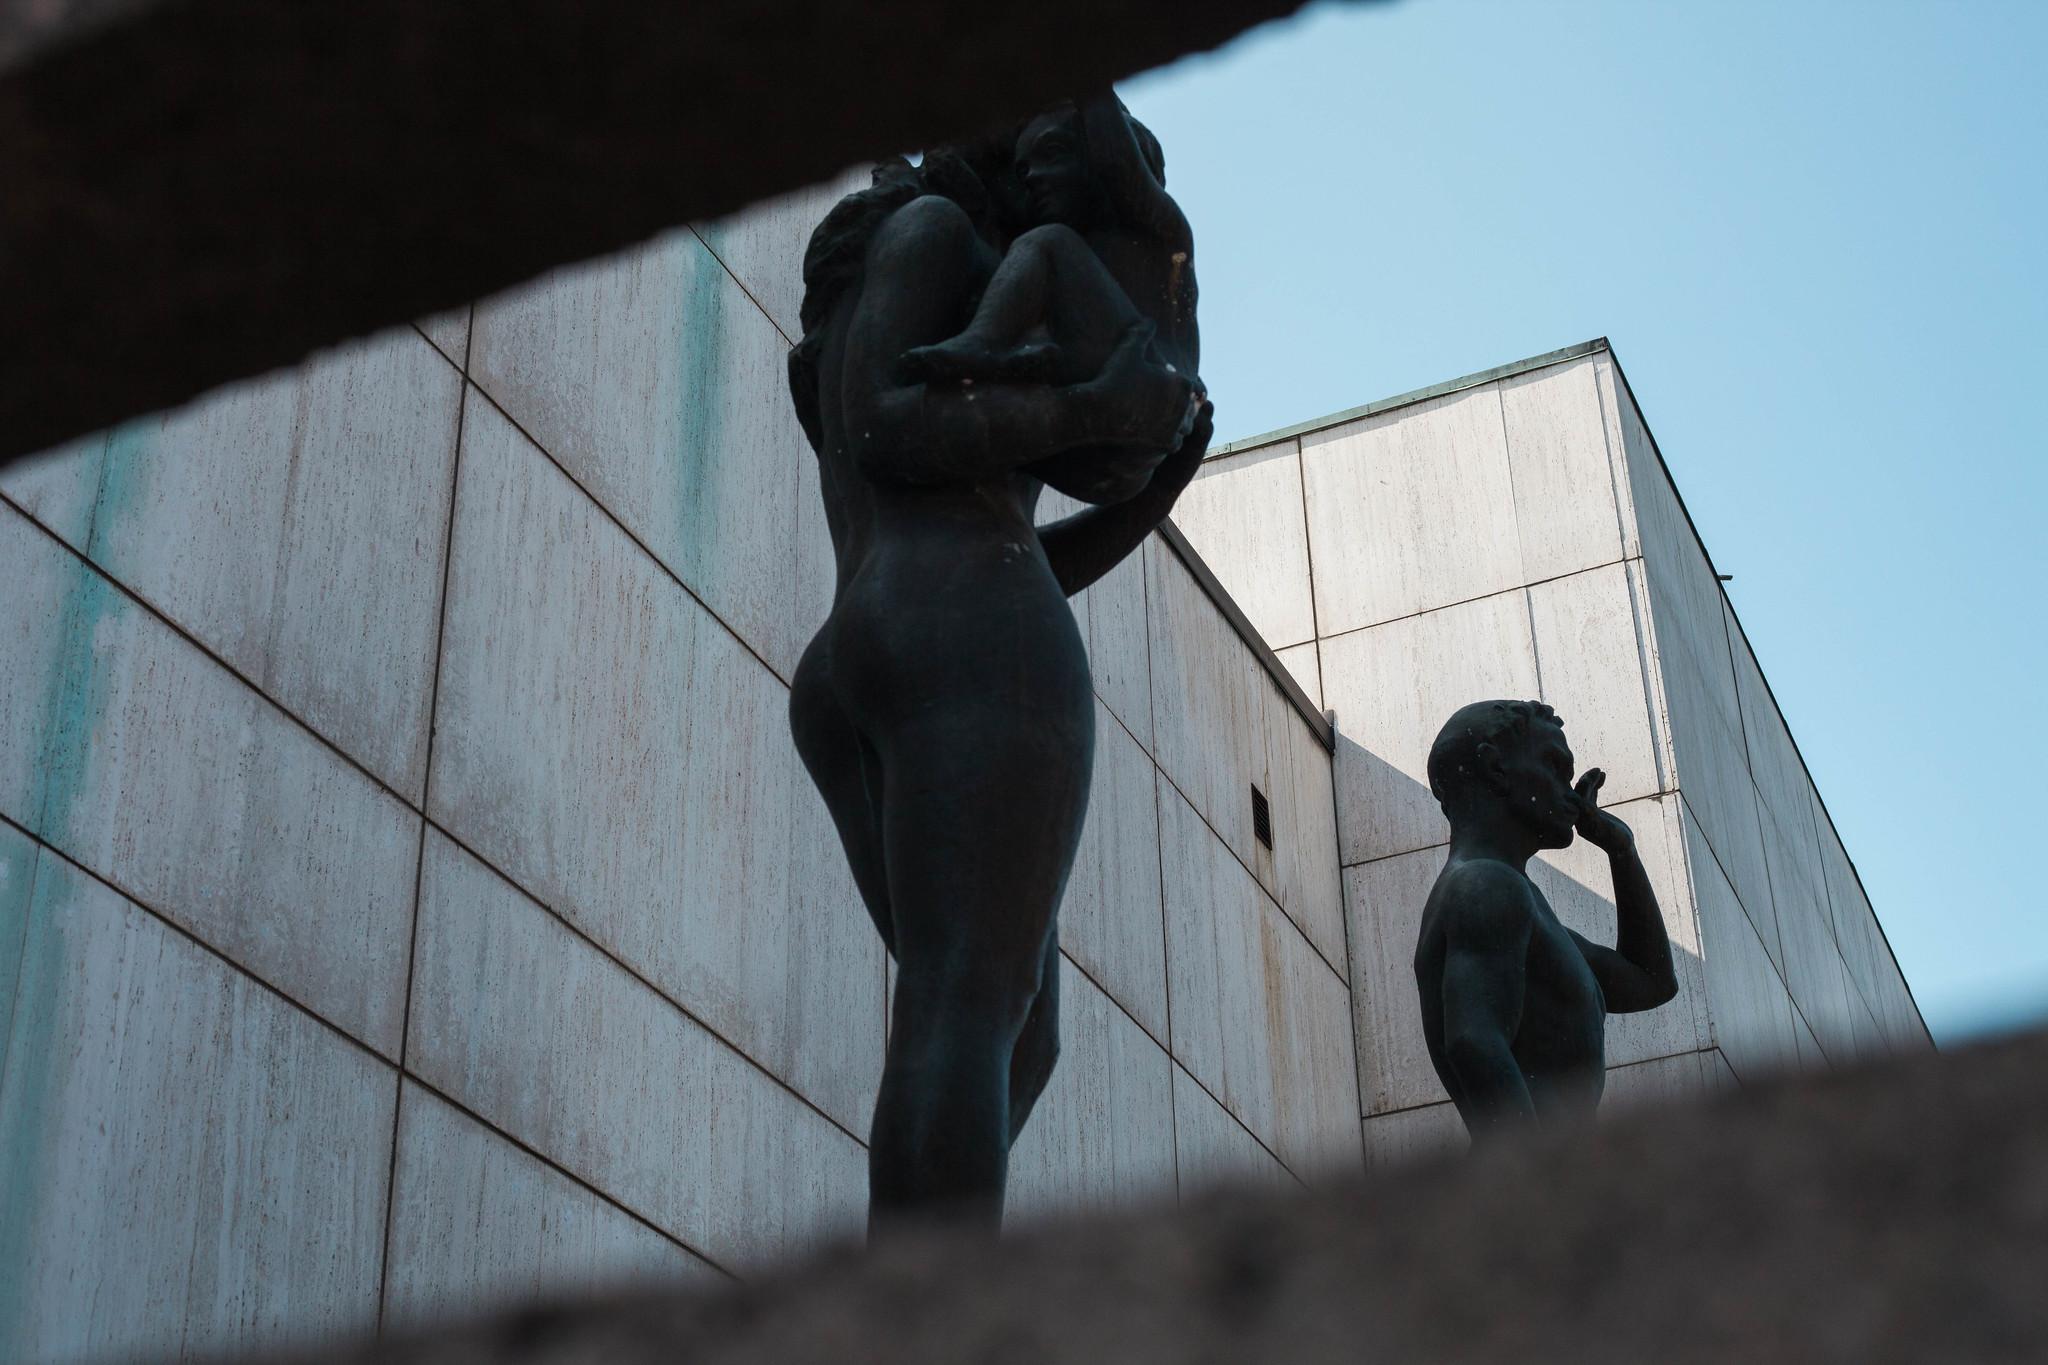 W A Sculpture